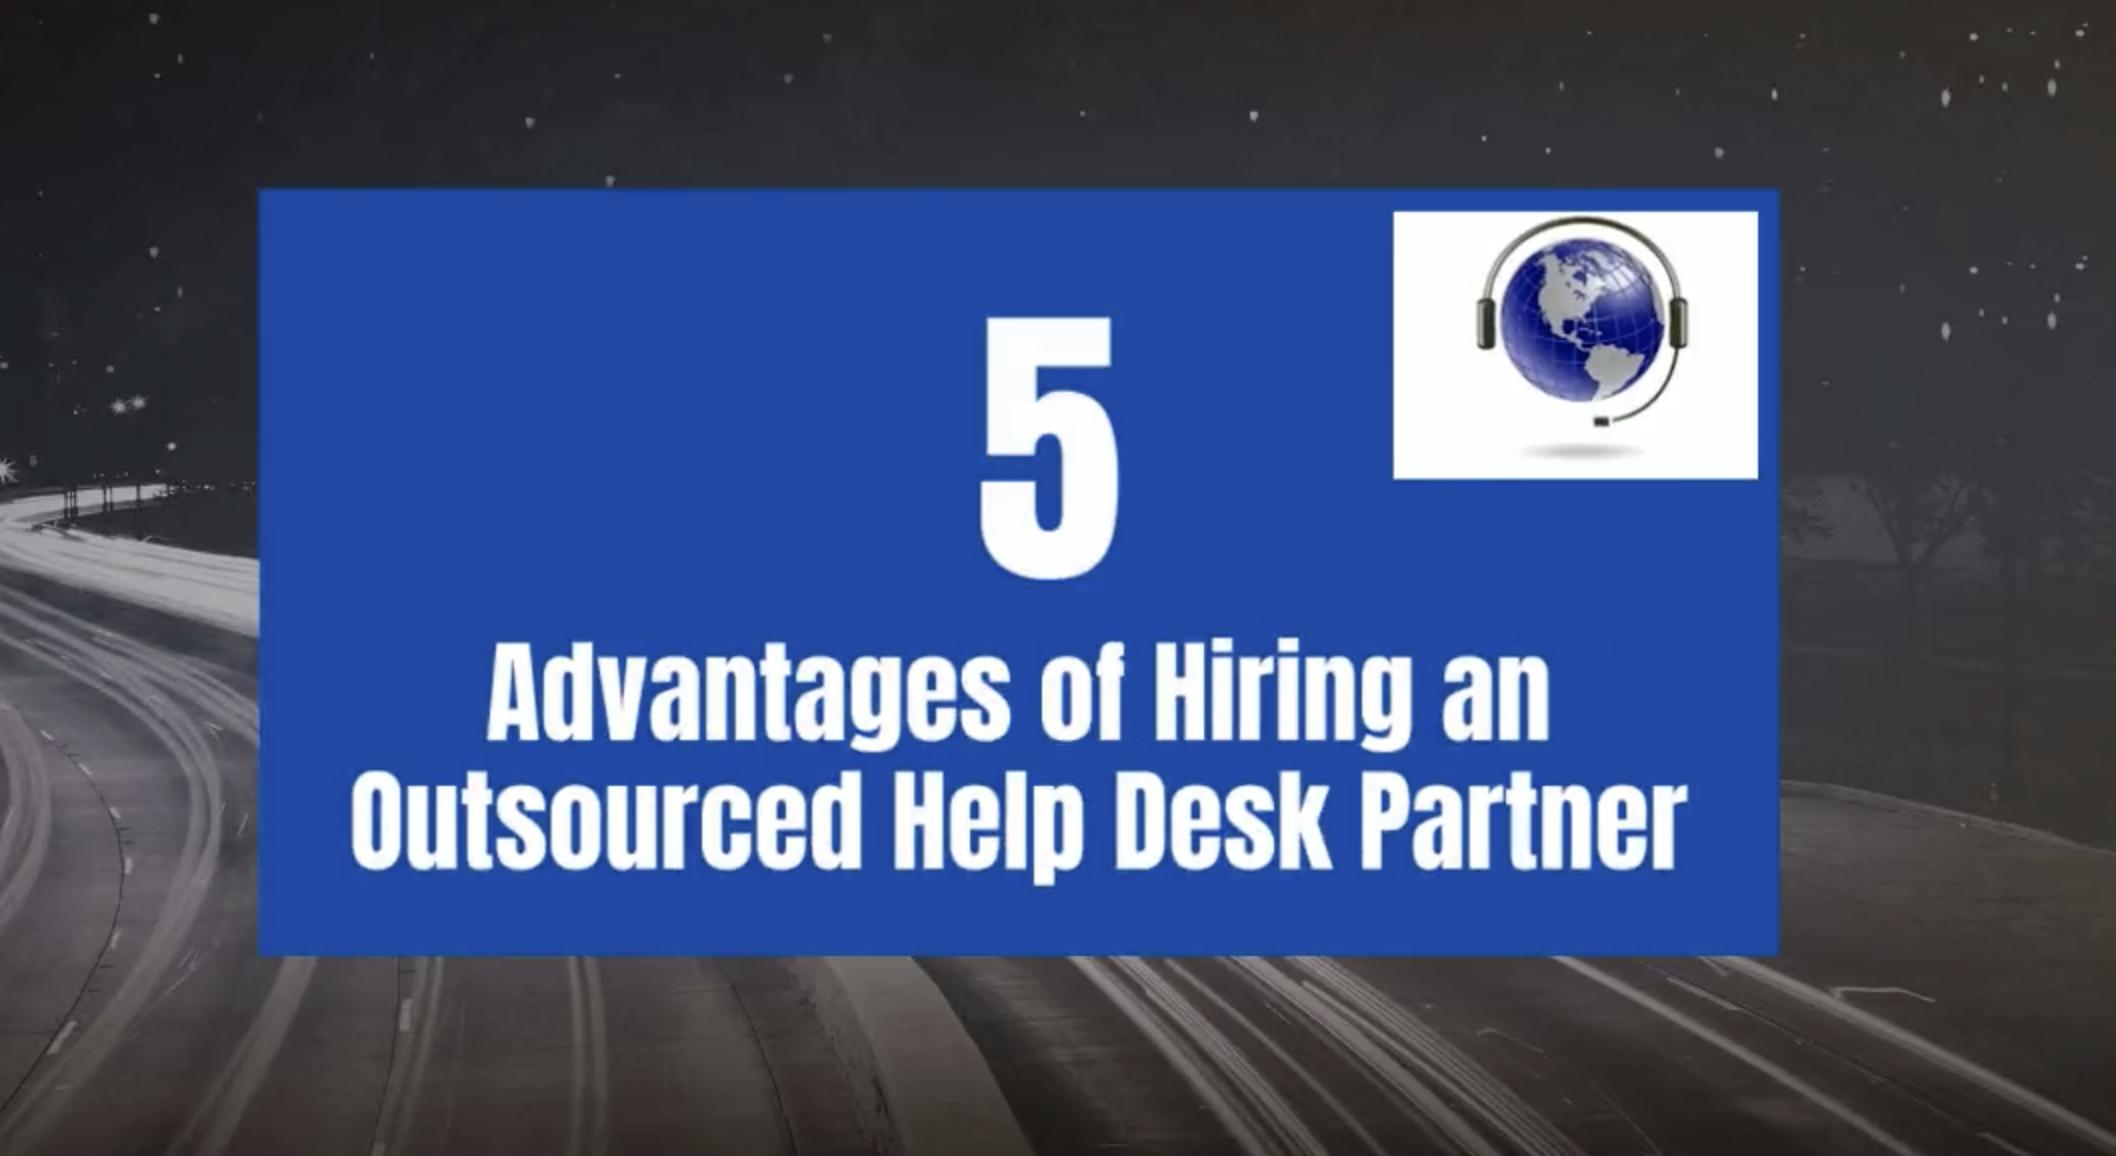 5 Advantages Outsourced Help Desk Partner